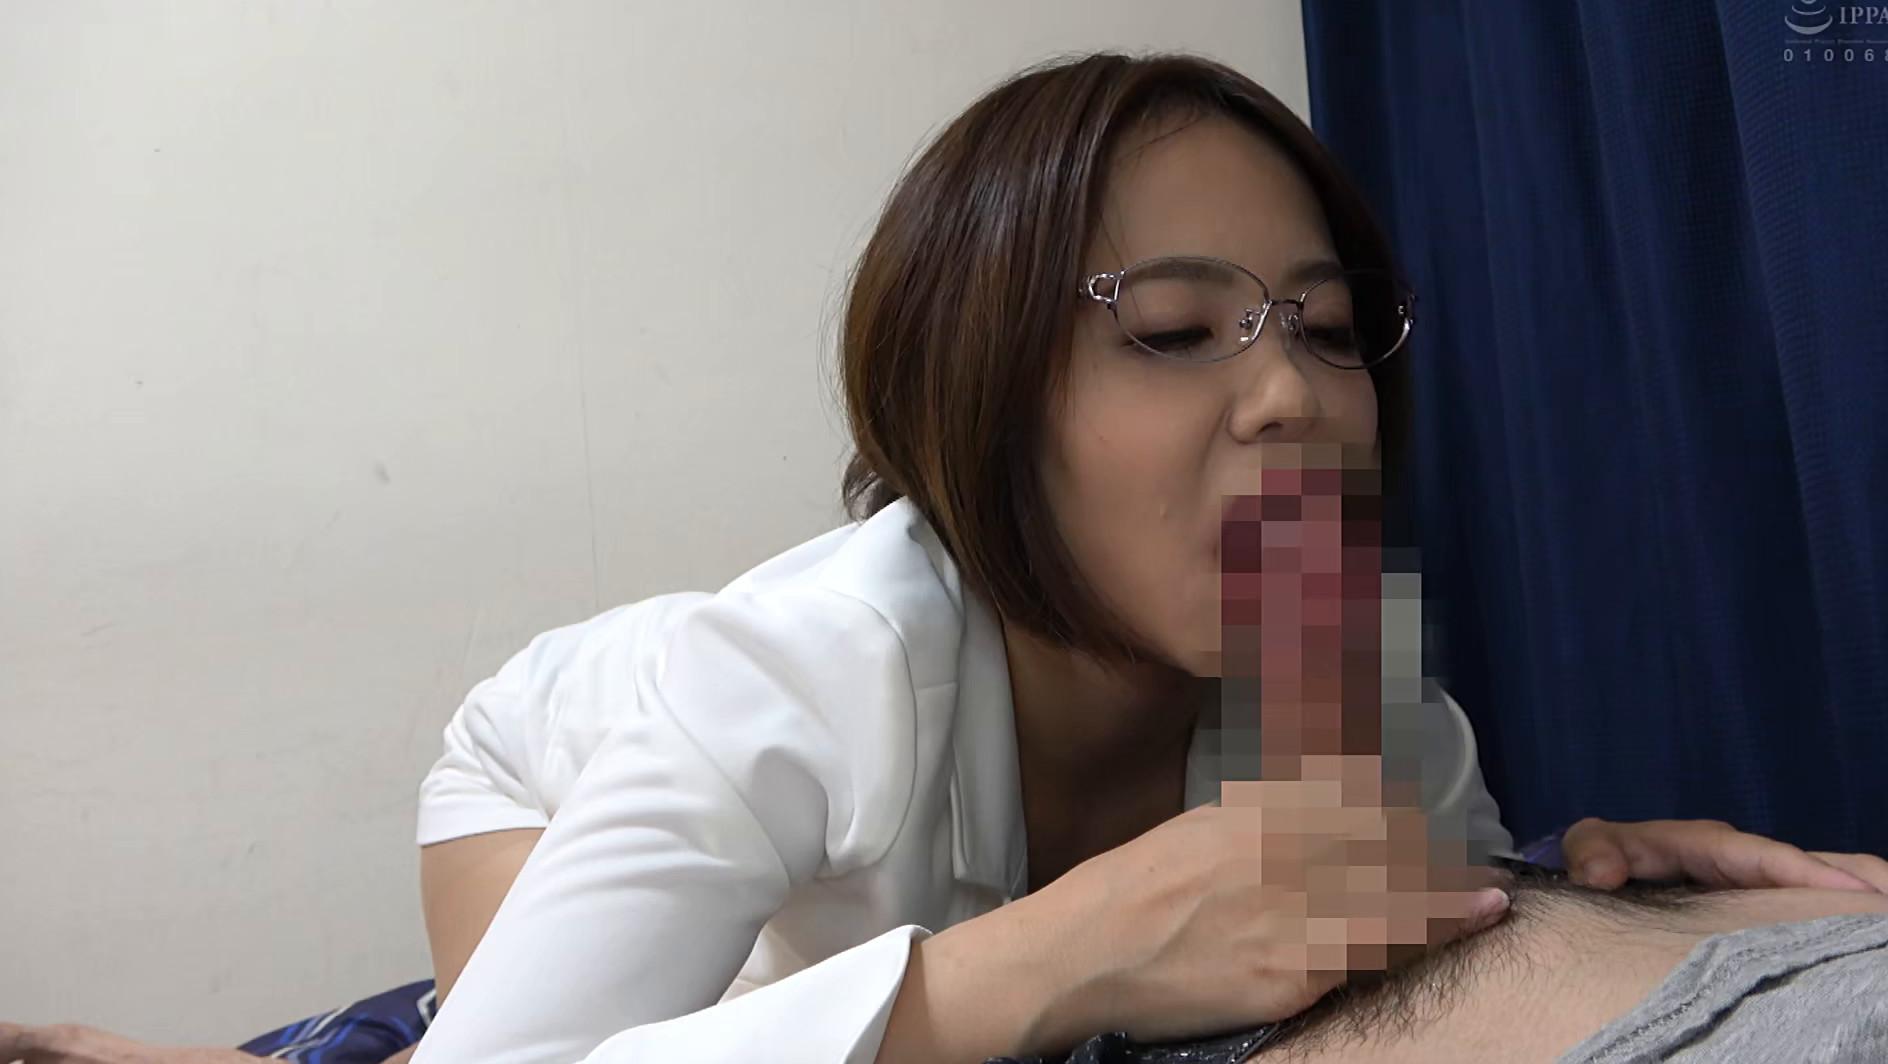 独り暮らしの男性に枕営業で契約をGETするデカパイ営業レディ 赤瀬尚子,のサンプル画像17